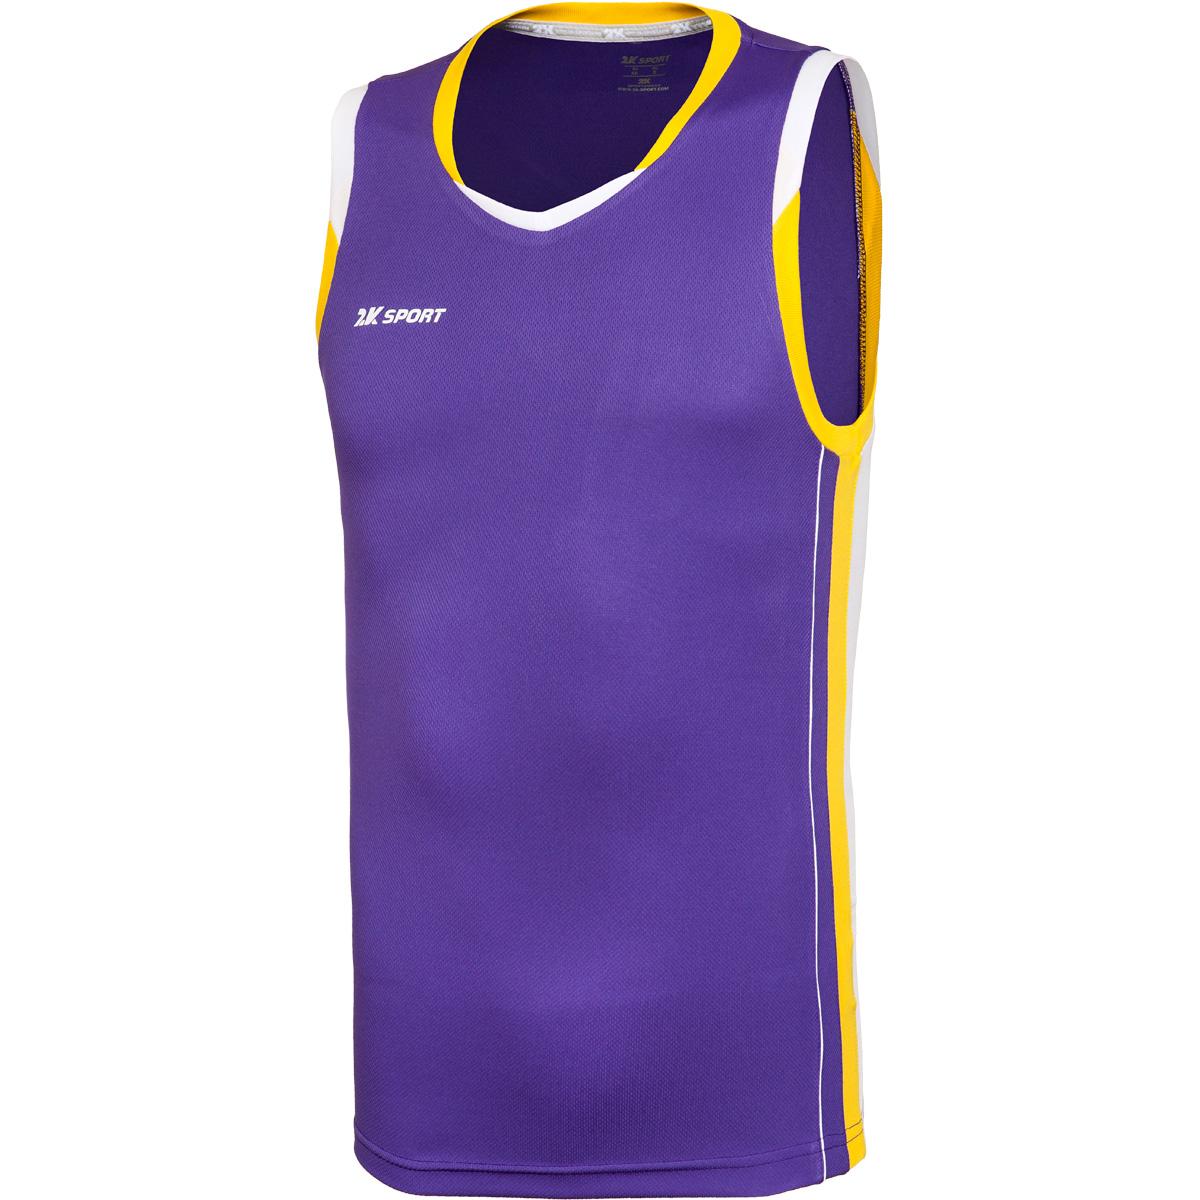 Майка баскетбольная мужская 2K Sport Advance, цвет: фиолетовый, желтый, белый. 130030. Размер XS (44)130030_violet/yellow/whiteПрофессиональная баскетбольная игровая майка от 2K Sport создана для того, чтобы вам ничего не мешало демонстрировать великолепную игру на паркете против самых грозных соперников. Особая сетчатая структура ткани позволяет сделать майку практически невесомой, сохраняя при этом прочность и эластичность. Стильный двухцветный кант по вороту и рукаву. Боковые контрастные вставки.